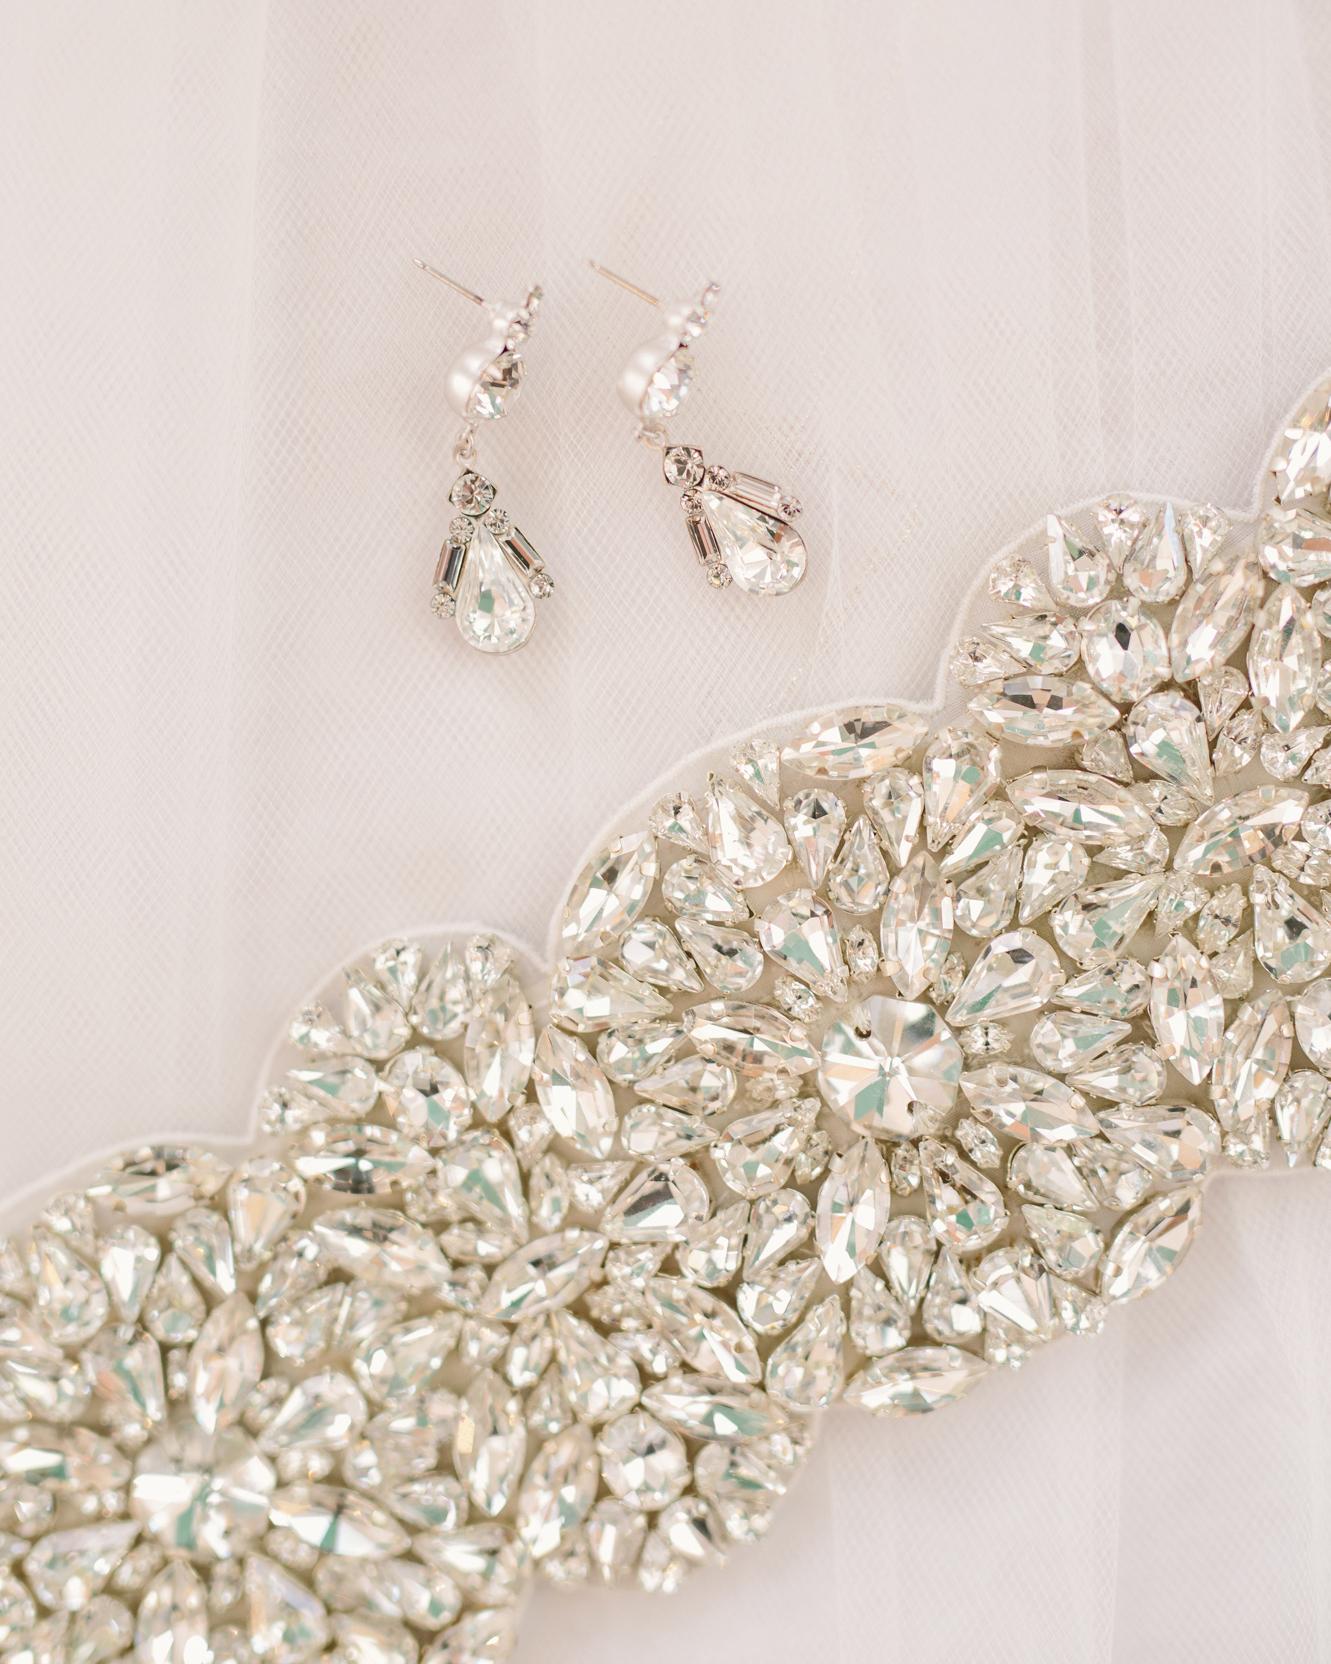 lizzy-bucky-wedding-jewelry-161-s111857-0315.jpg